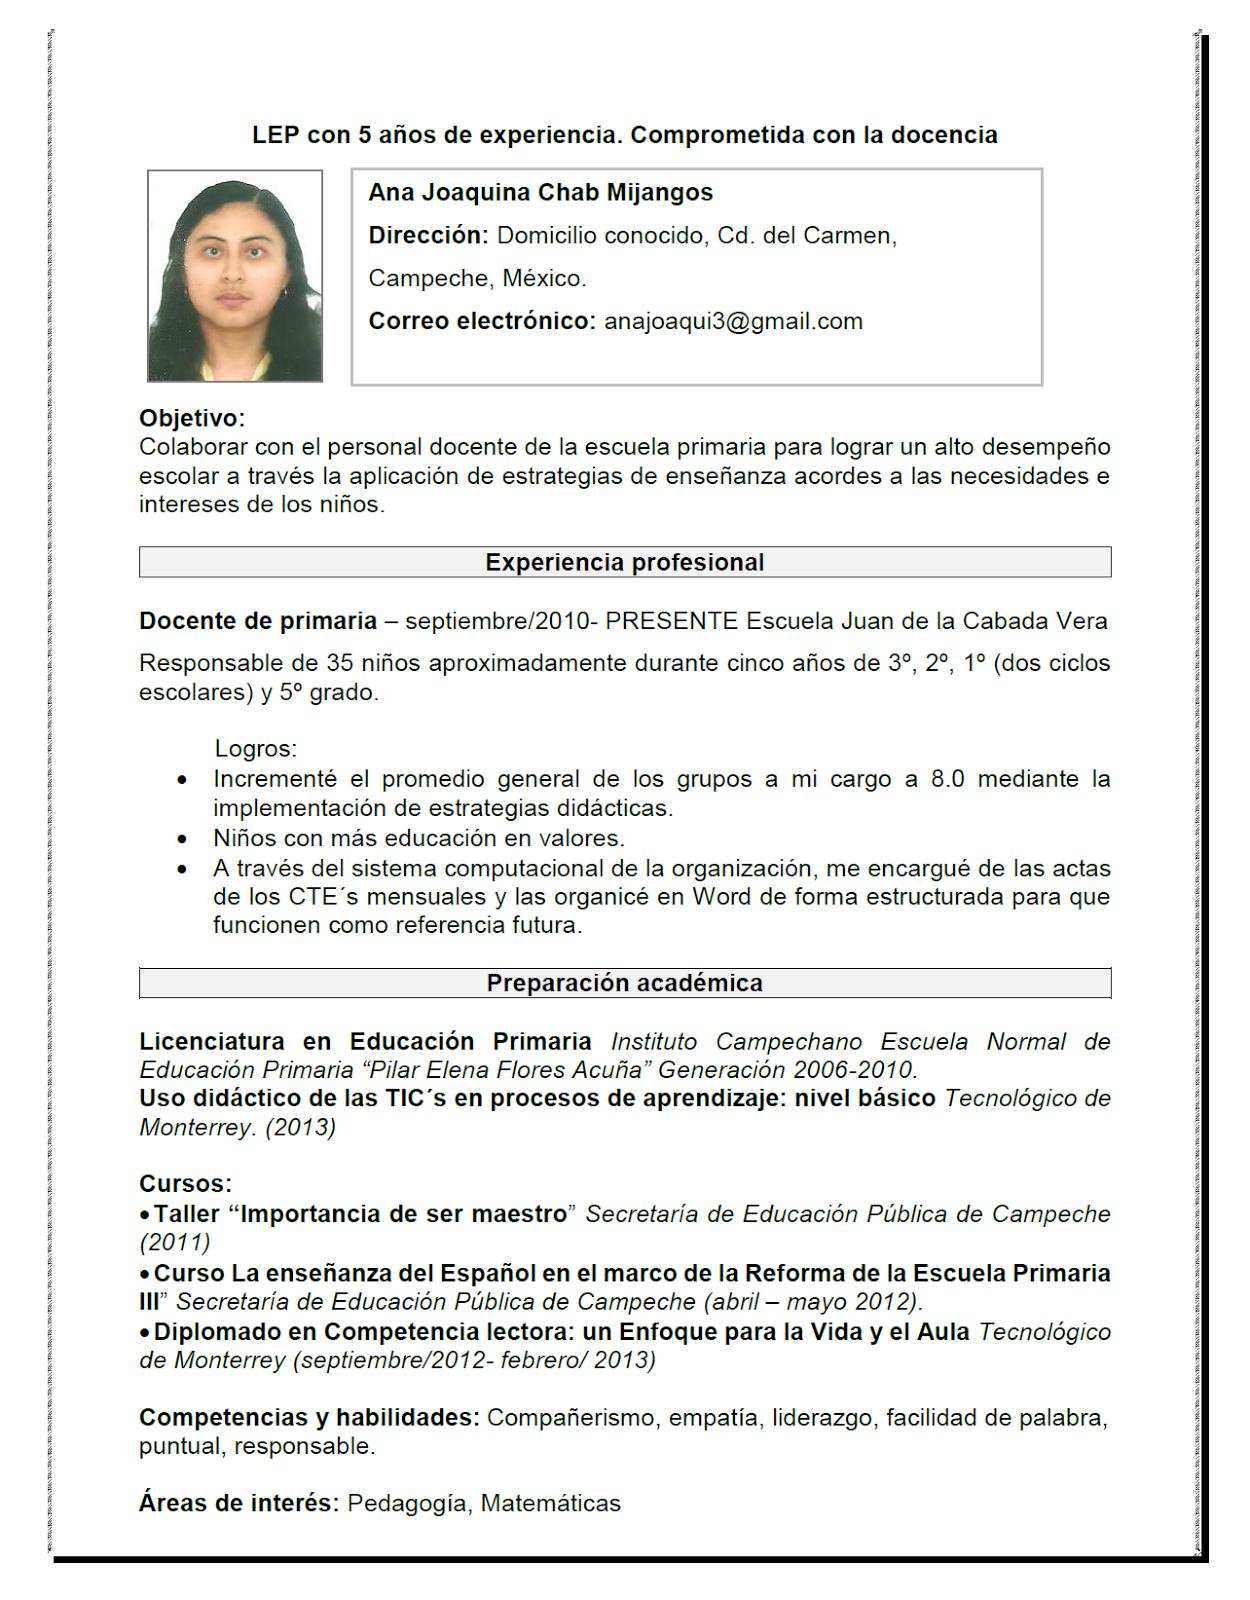 E-portafolio de Ana Chab Mijangos: CURRÍCULUM